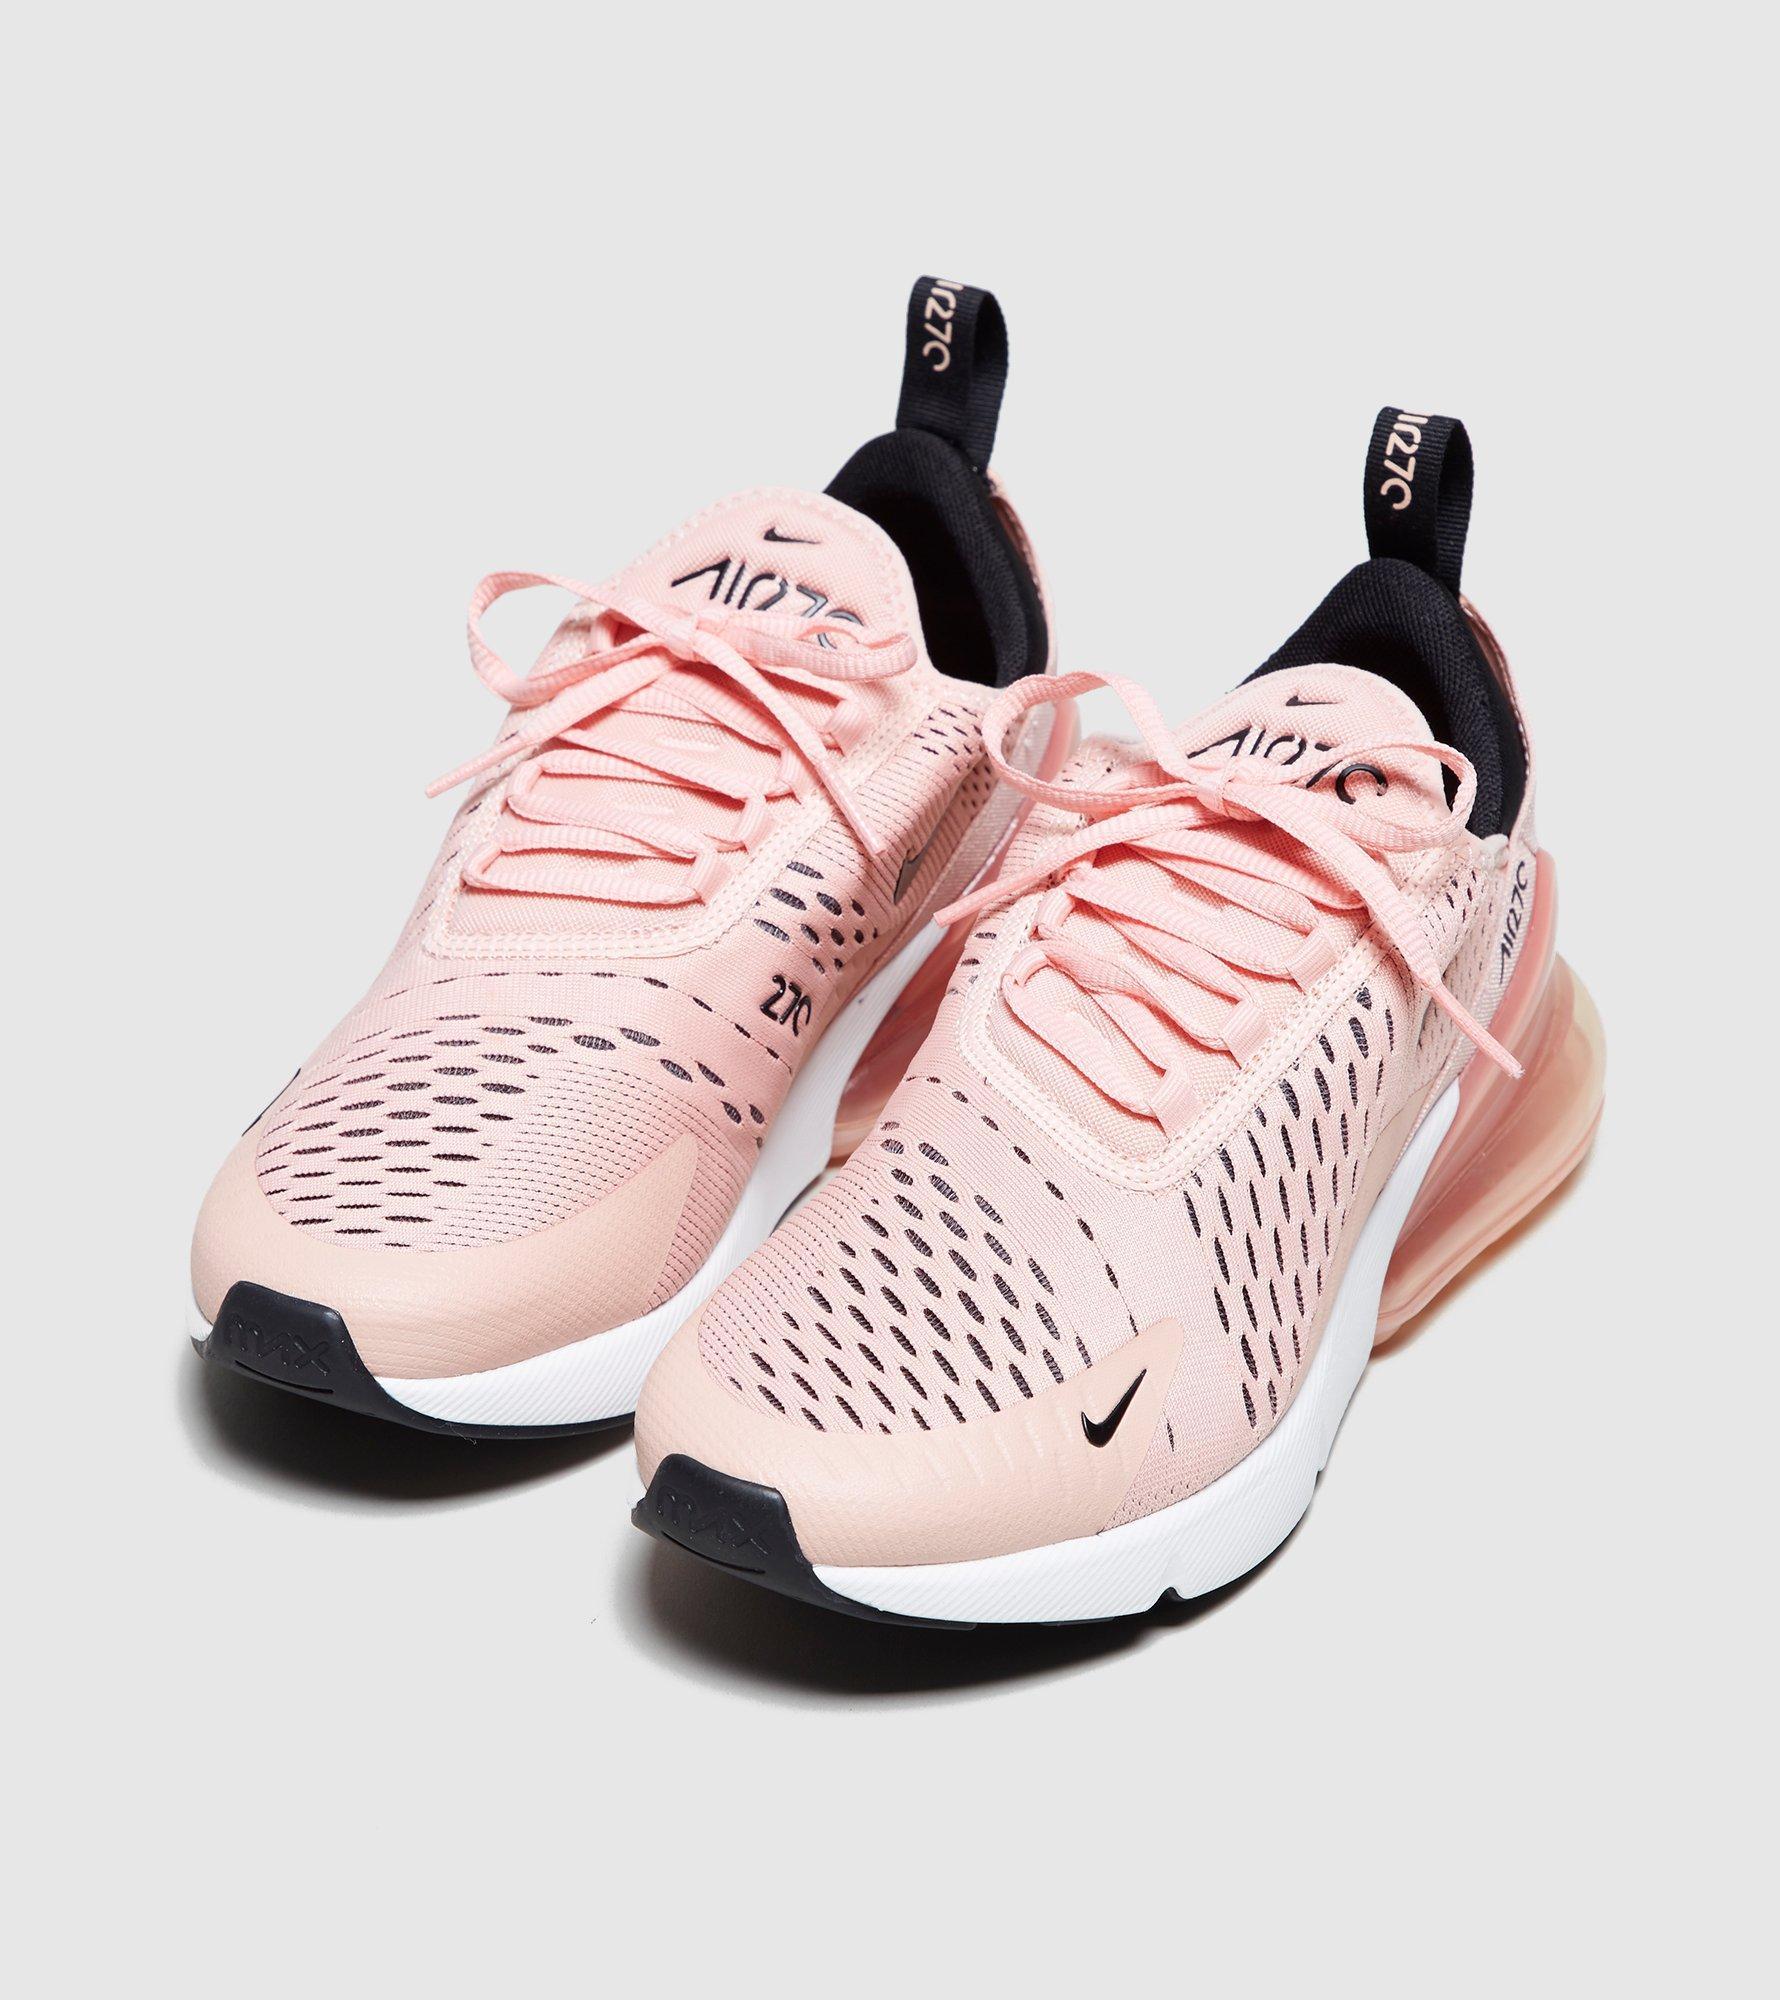 comprar suministro barato Air Max 270 Traje De Mujer De Color Rosa Nike obtener nuevos Barato 7uwHzbp